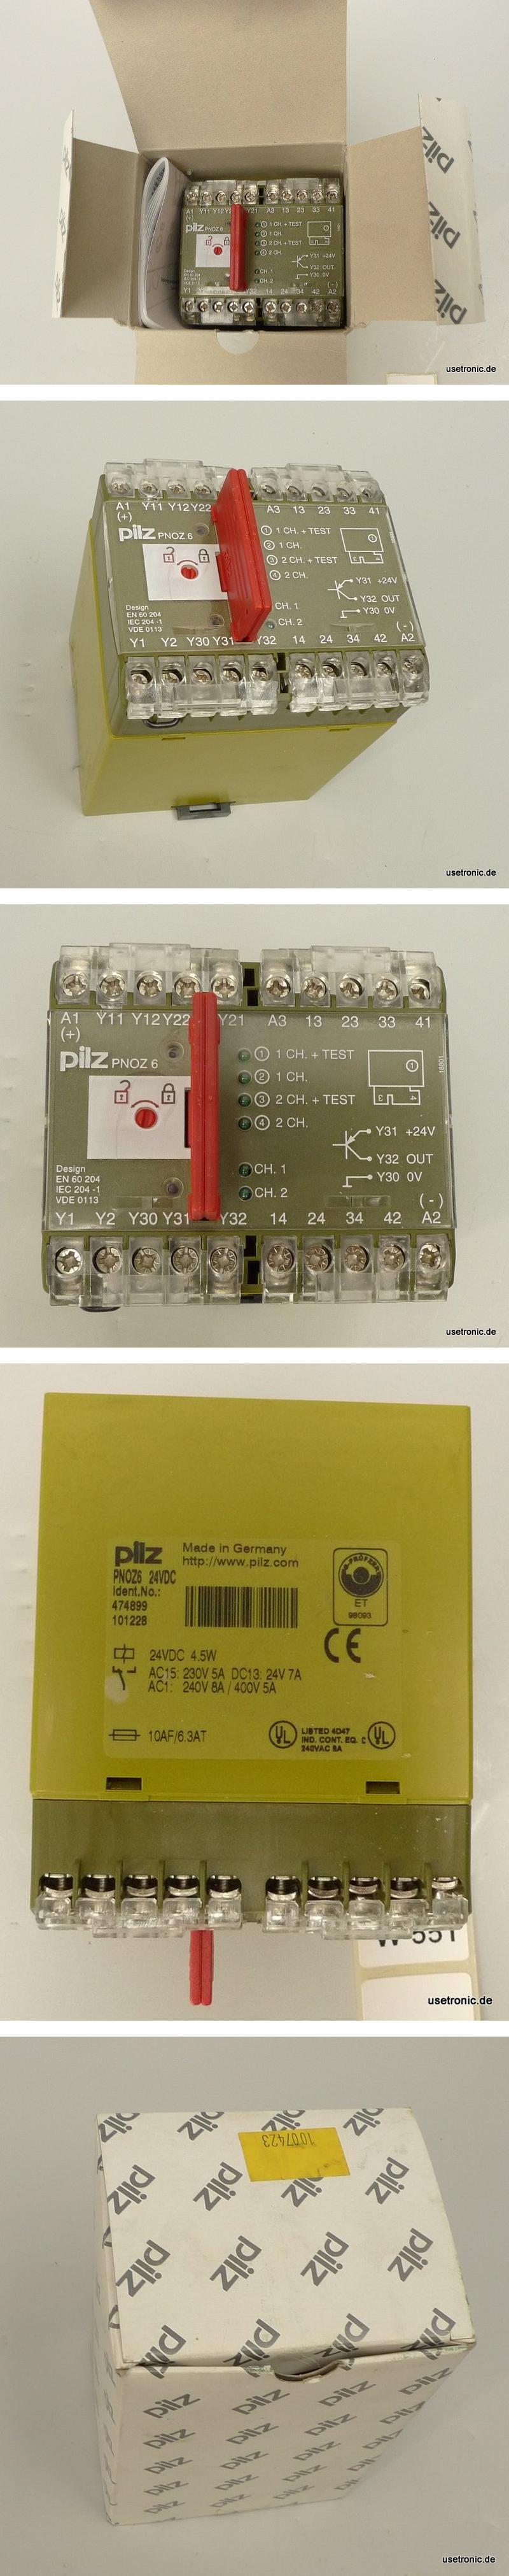 Pilz Not Aus Relais PNOZ6 24V DC 474899